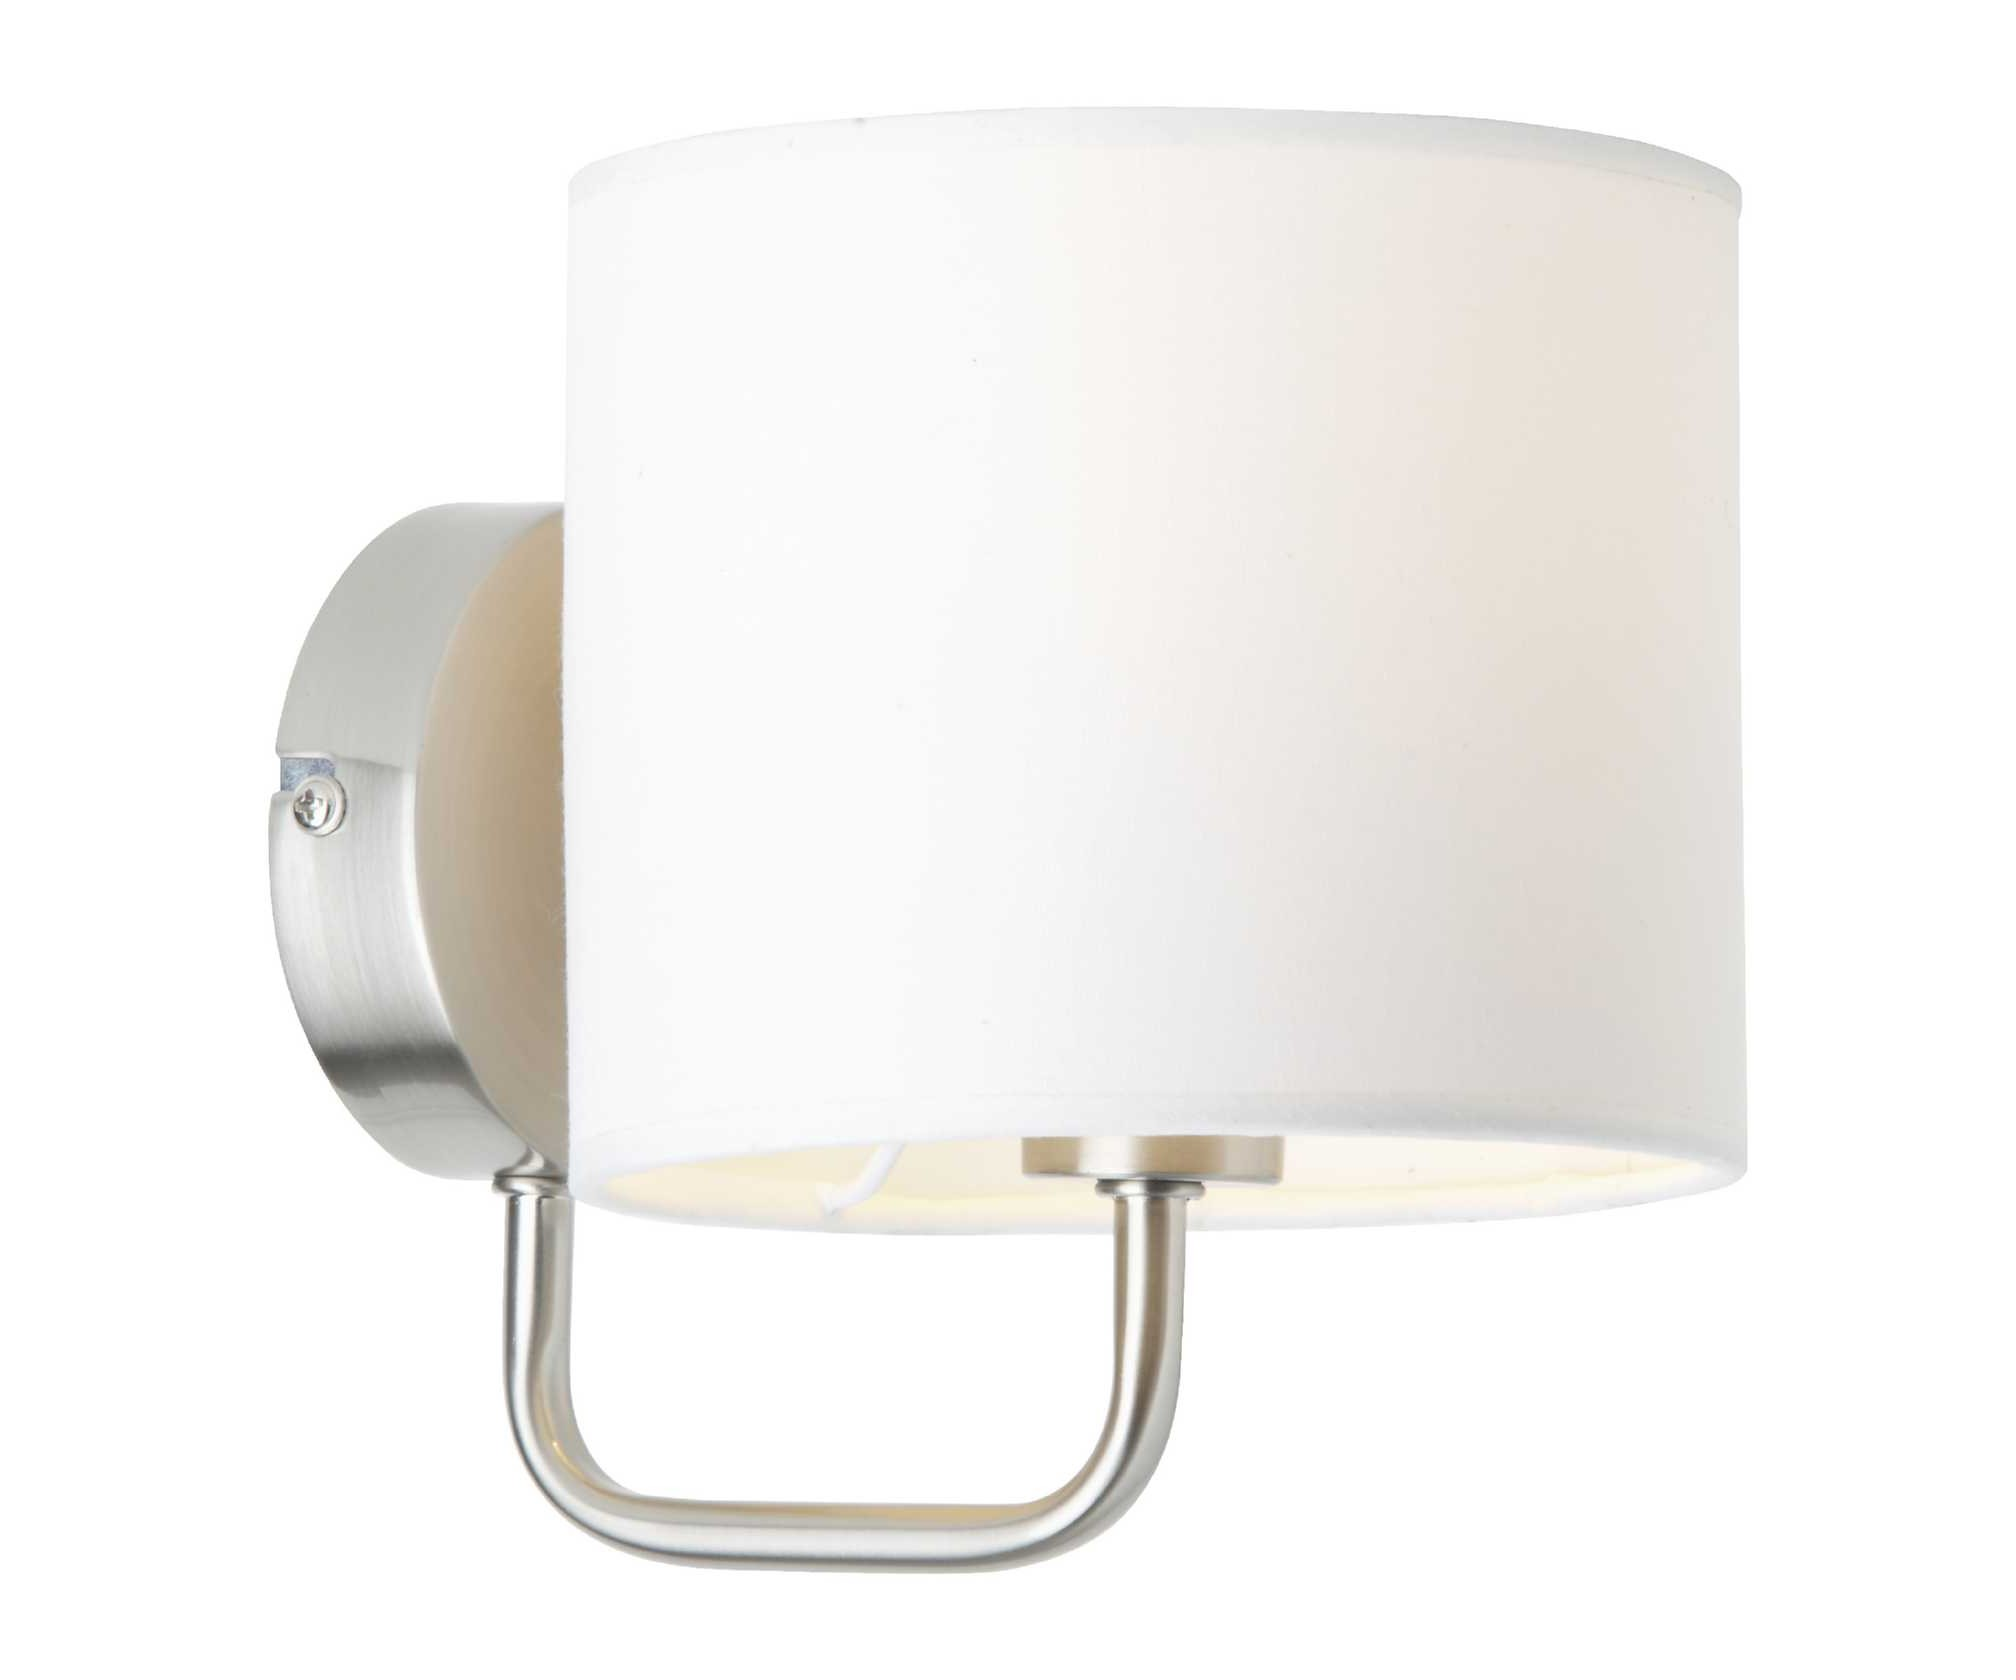 Светильник настенный SandraБра<br>&amp;lt;div&amp;gt;Цоколь: E14&amp;lt;/div&amp;gt;&amp;lt;div&amp;gt;Мощность лампы: 40W&amp;lt;/div&amp;gt;&amp;lt;div&amp;gt;Количество ламп: 1&amp;lt;/div&amp;gt;&amp;lt;div&amp;gt;Наличие ламп: отсутствуют&amp;lt;/div&amp;gt;<br><br>Material: Текстиль<br>Width см: 18<br>Depth см: 15<br>Height см: 18,5